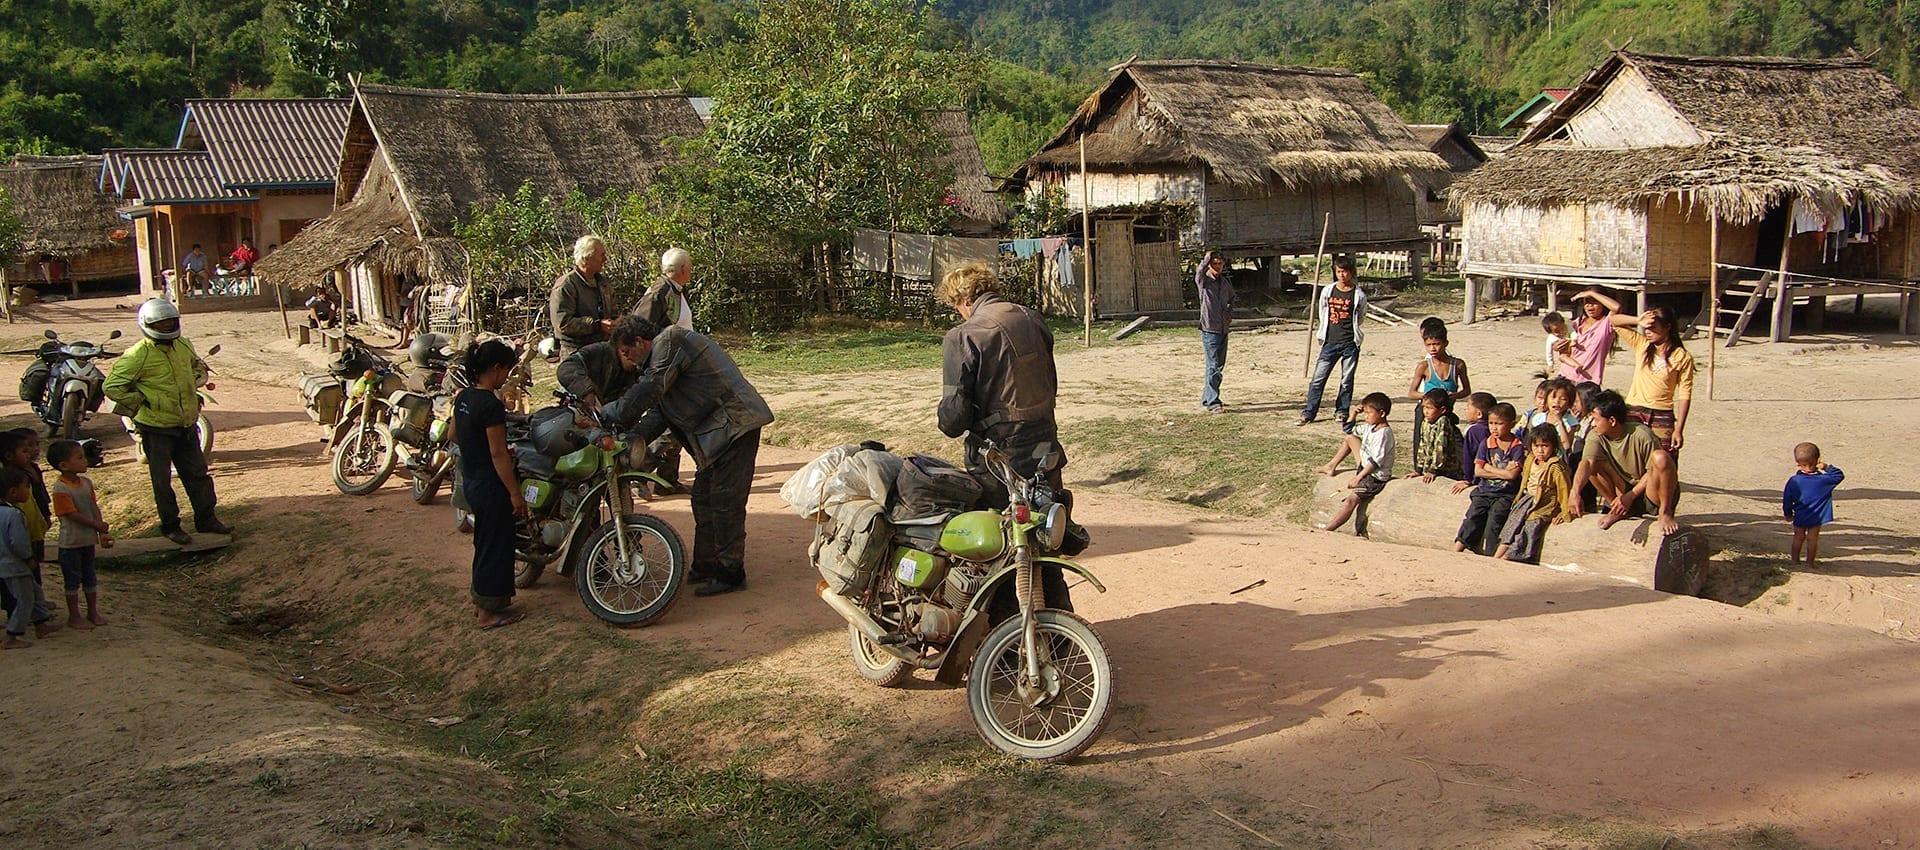 Vul het deelnameformulier van de motorreis door Laos-Vietnam in en ga ook met ons mee op padmee